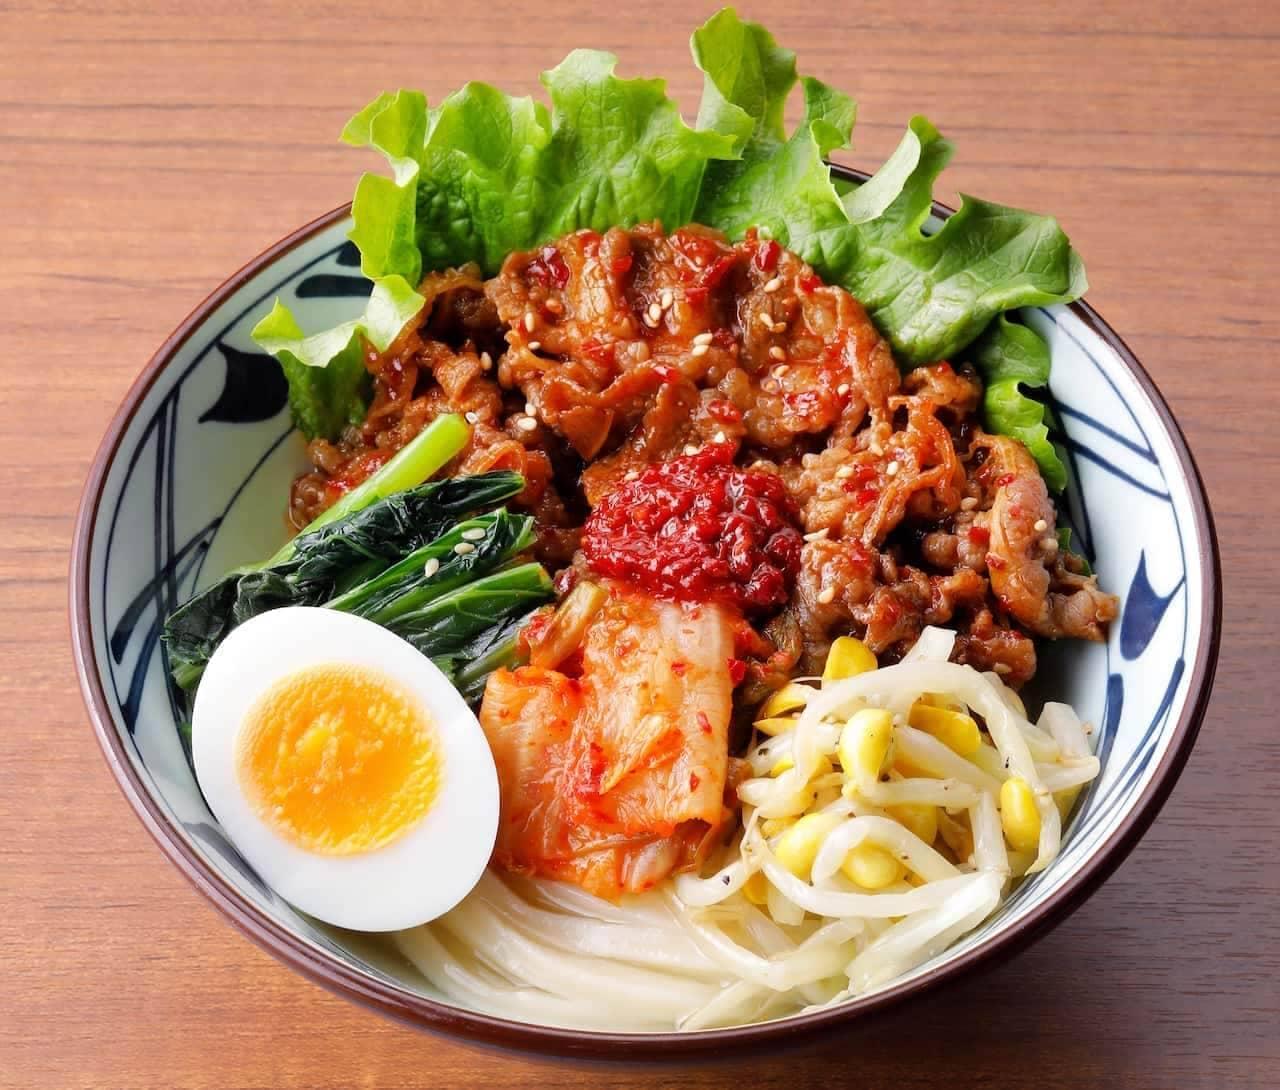 丸亀製麺「 辛辛(からから)牛焼肉冷麺」